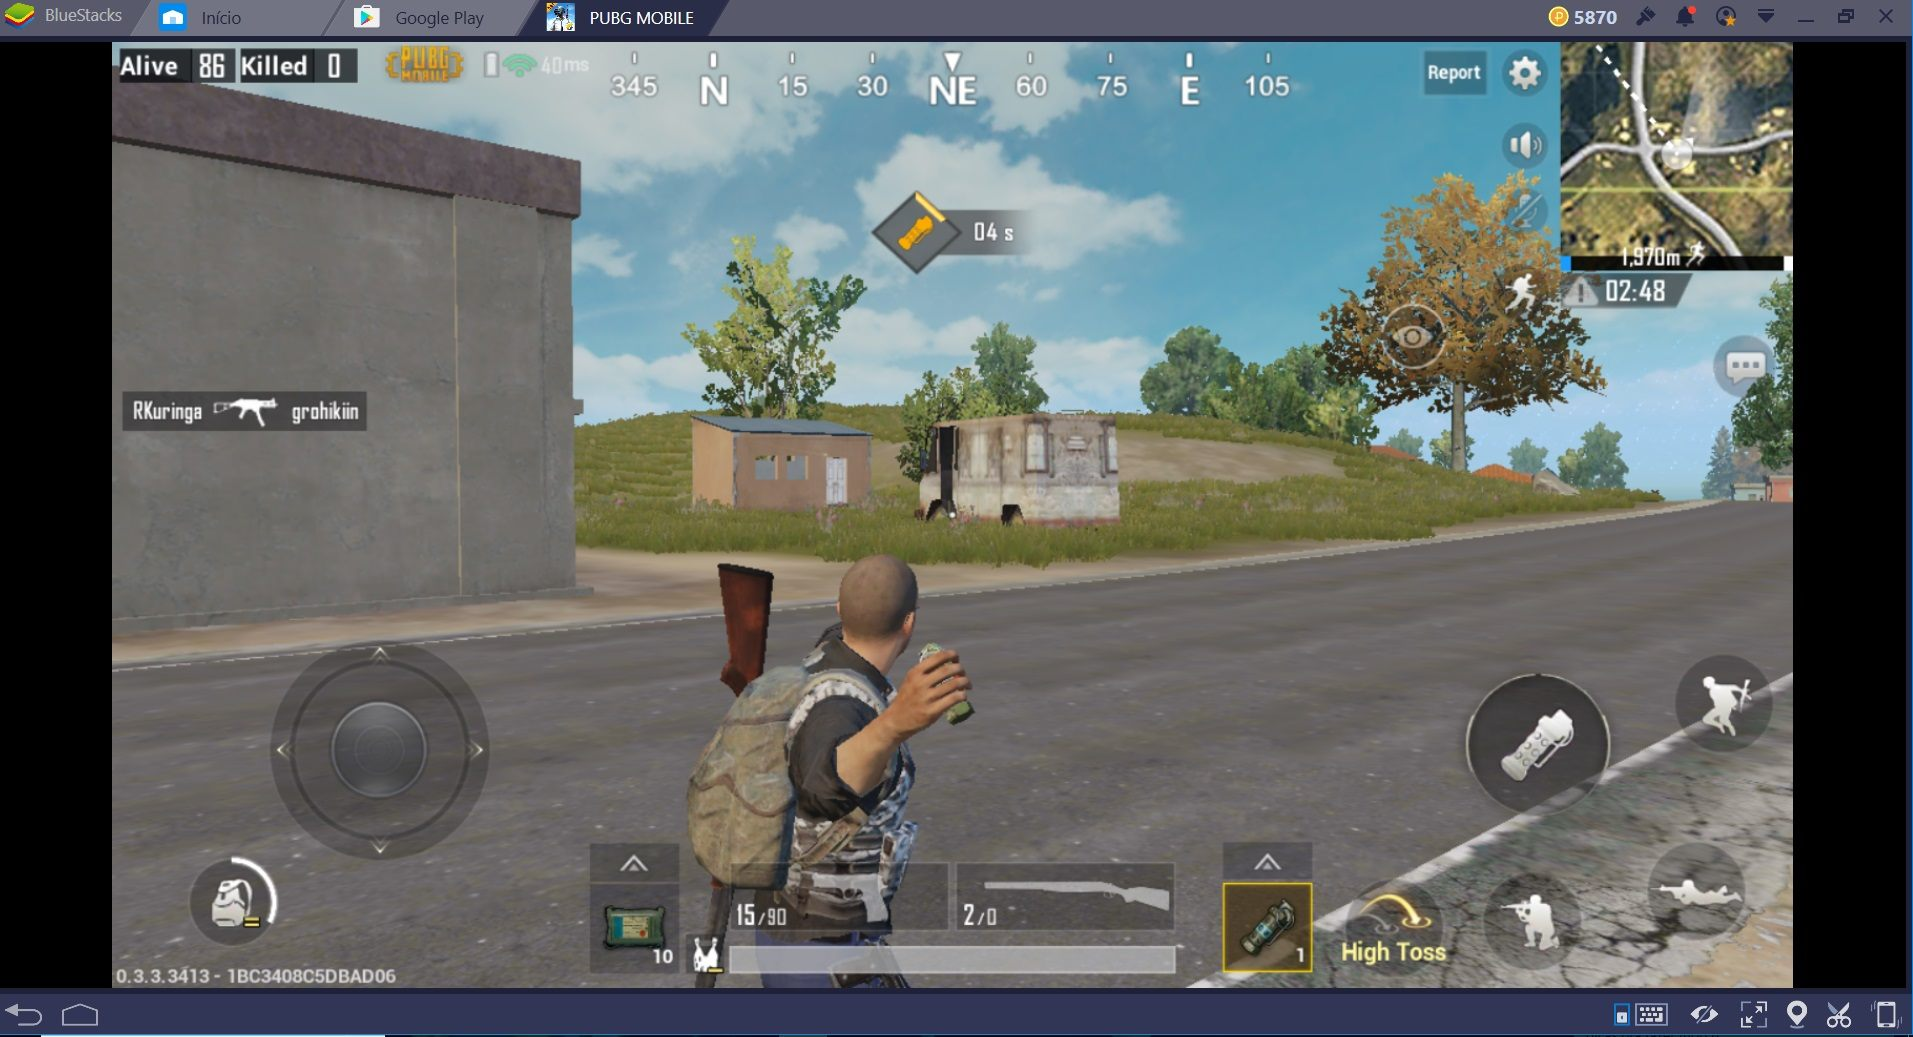 Dicas de combate para vencer em PUBG Mobile